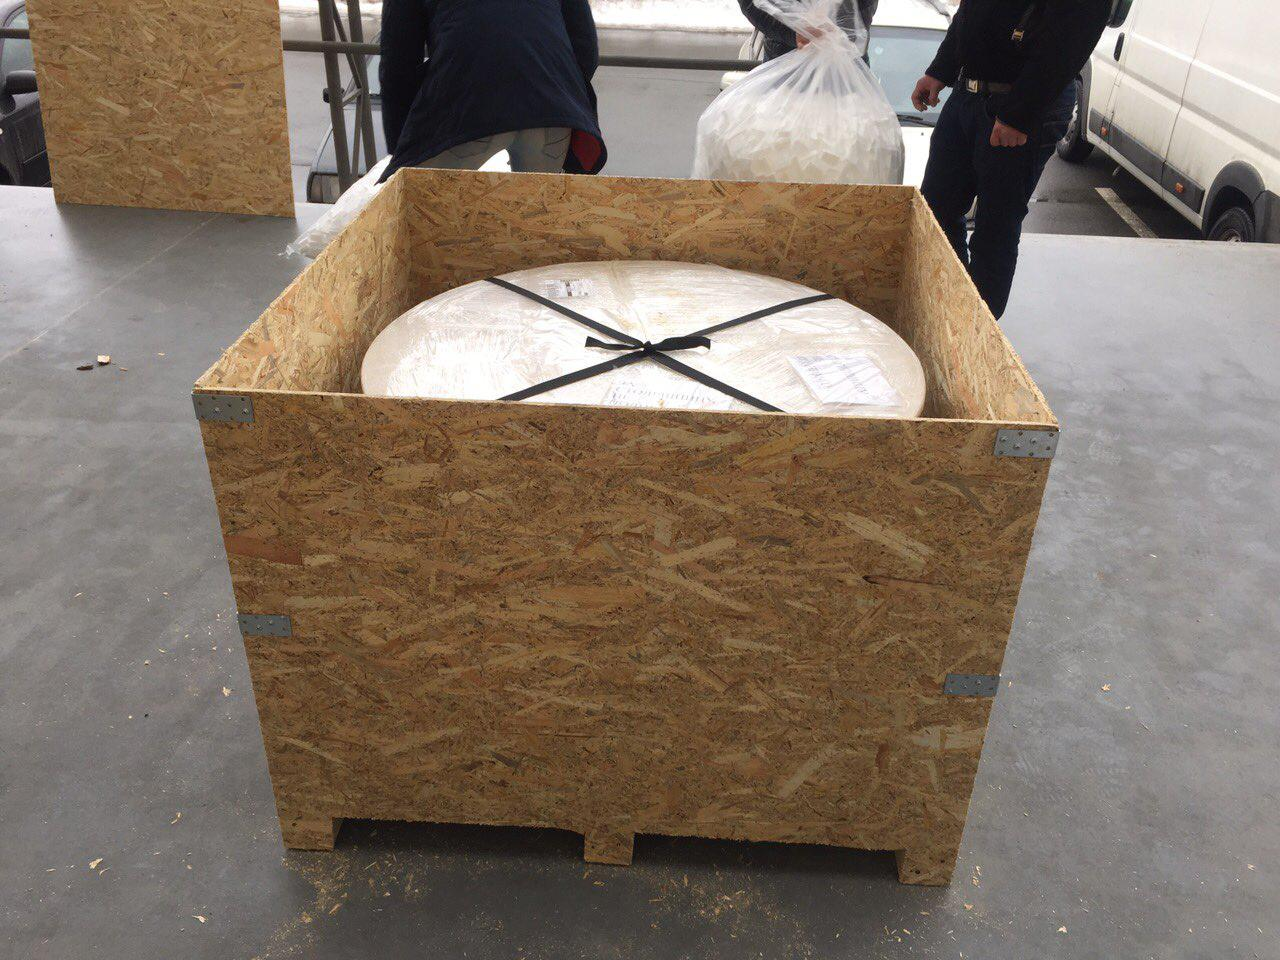 Упаковка грузов при перевозках на автотранспорте, ТРАНСПОРТИРОВКА ГРУЗОВ, упаковка вещей, Украина